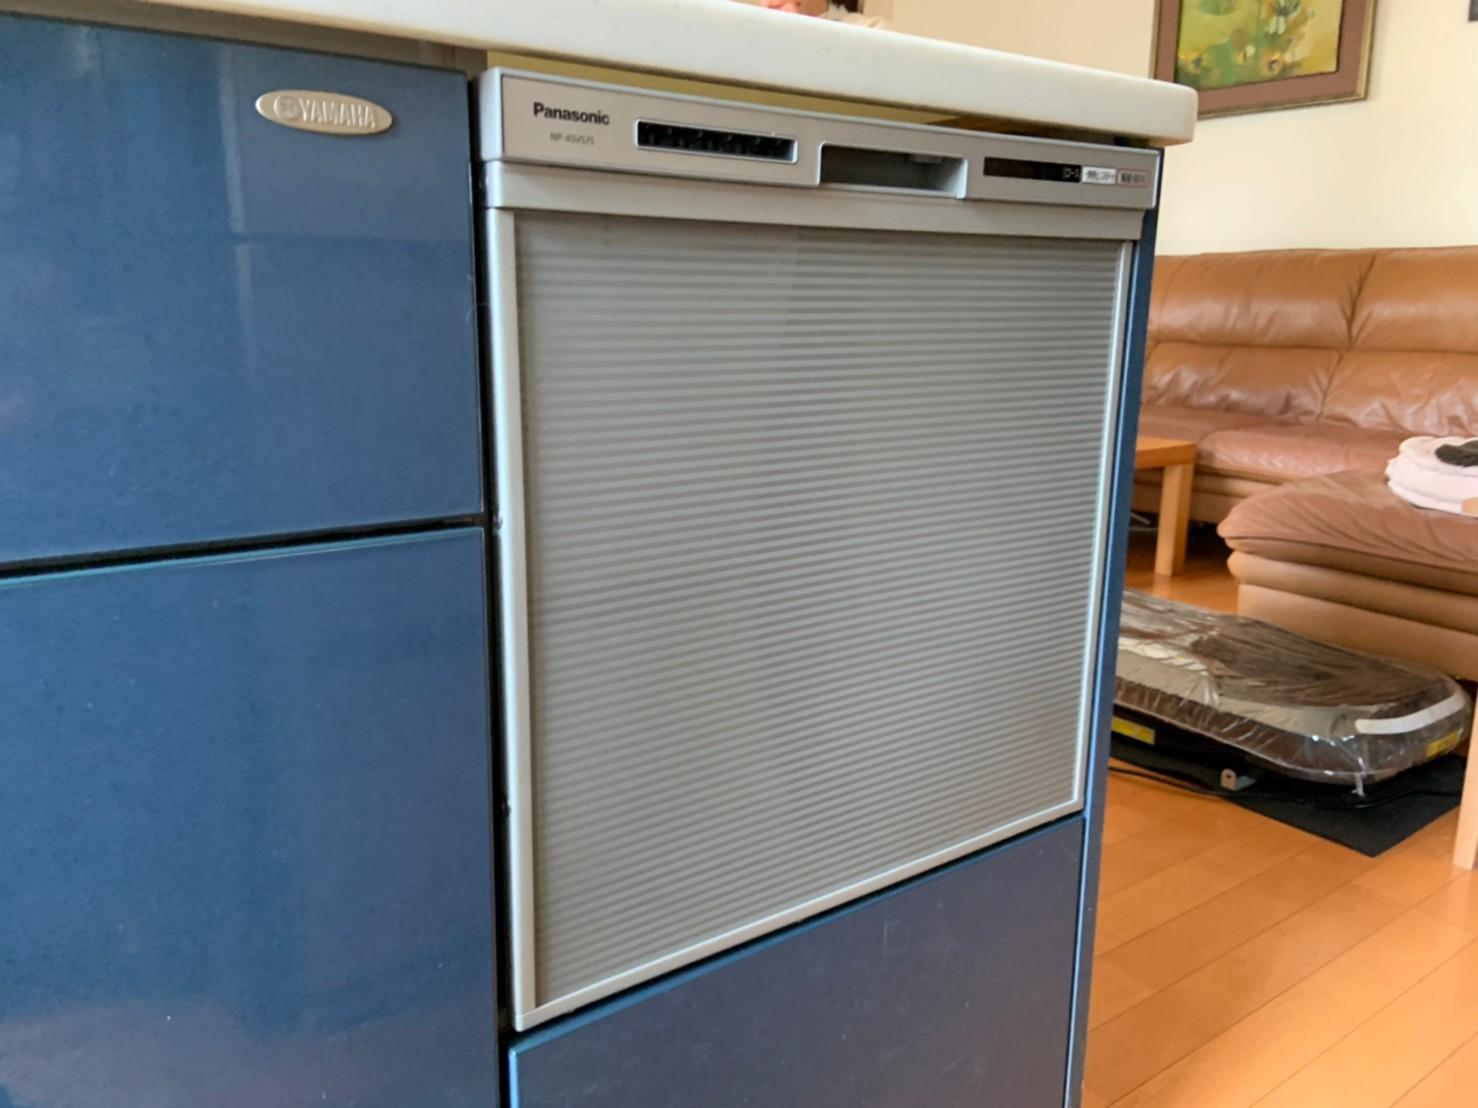 ミドルタイプ ビルトイン食洗機の交換工事|NP-45VS7S|京都市北区